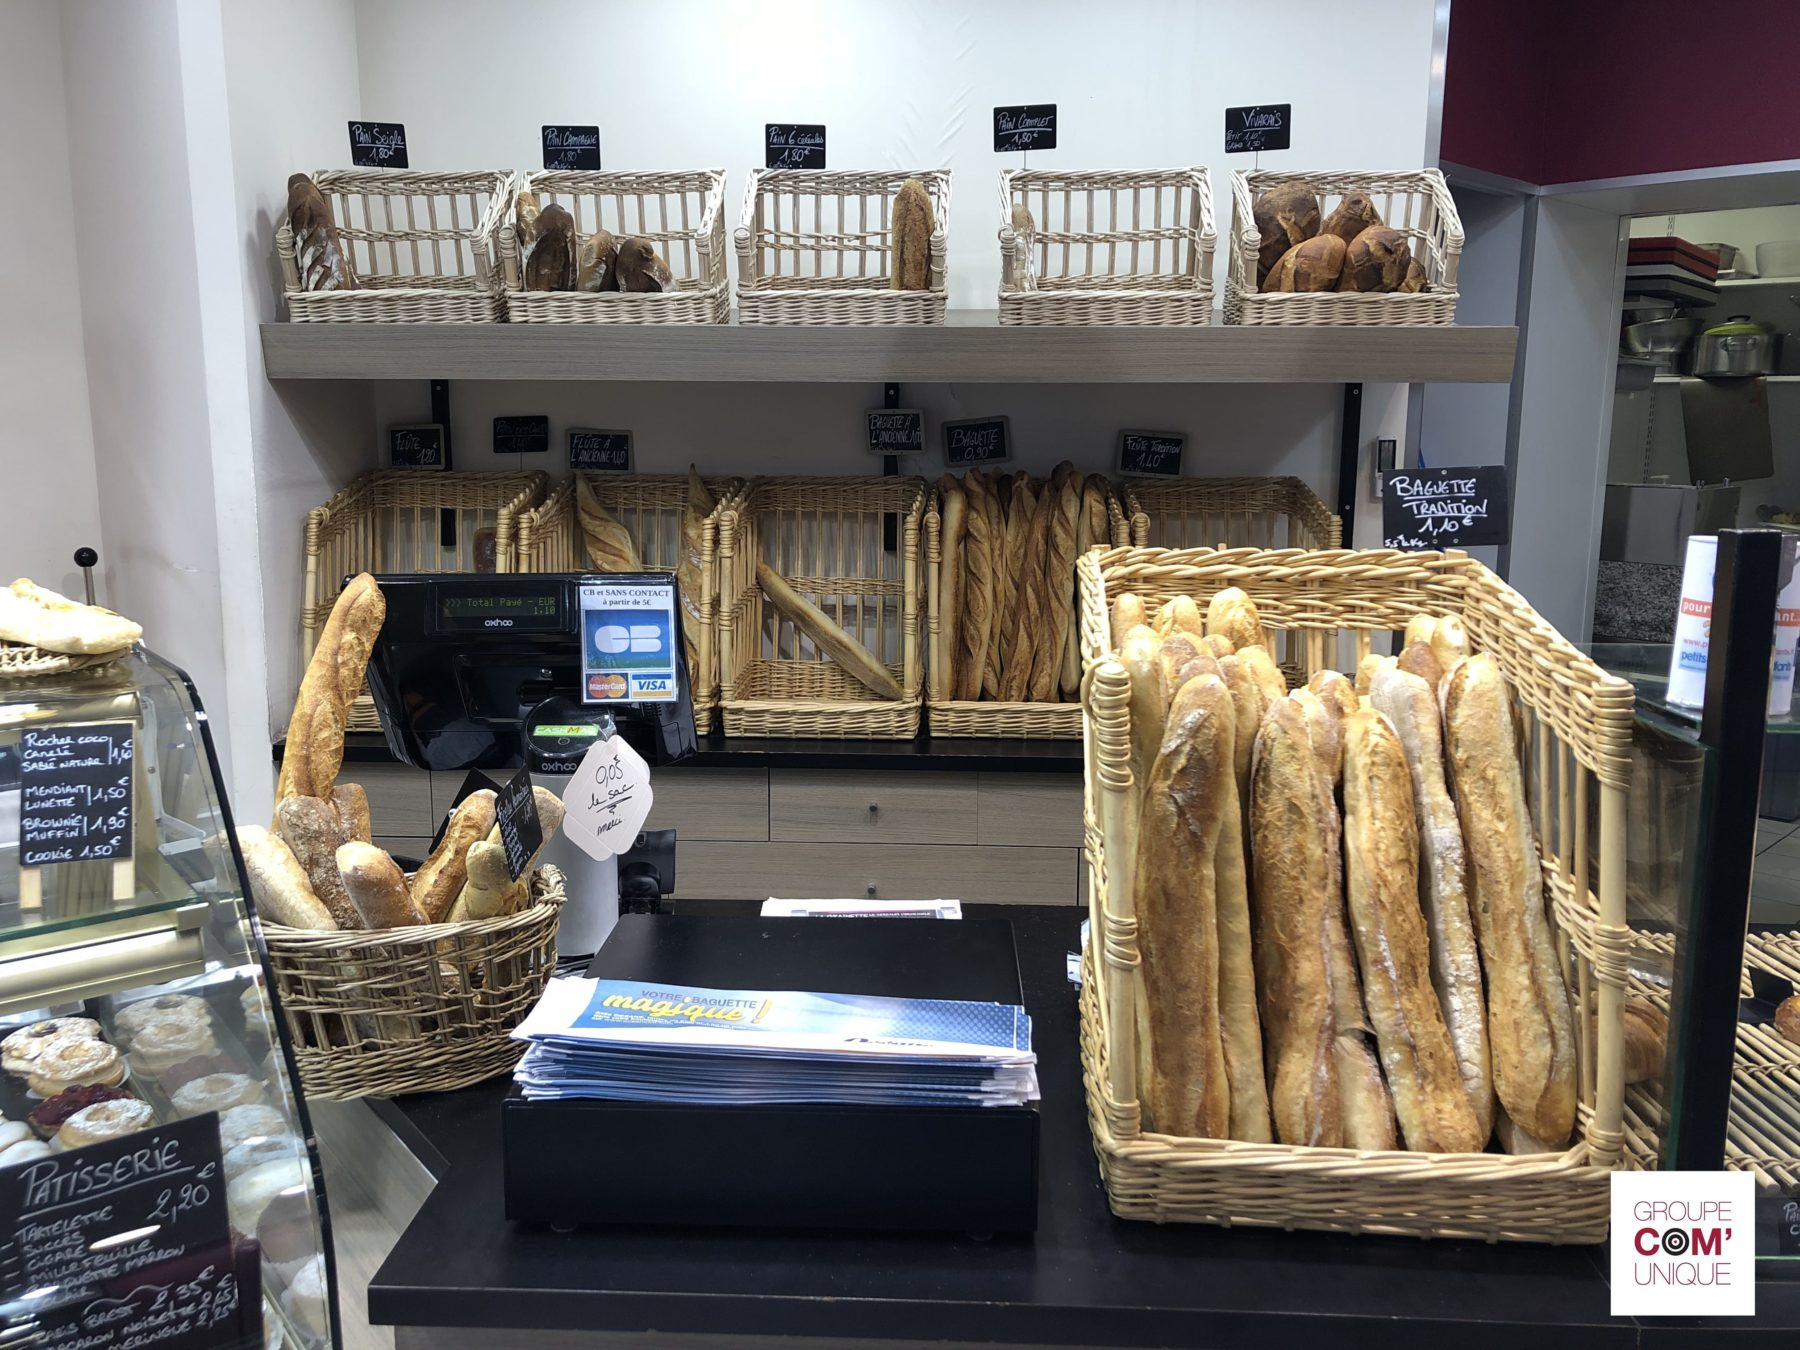 Campagne de sac à pain publicitaire pour Océane Fm diffusé dans les boulangeries - Groupe Com'Unique